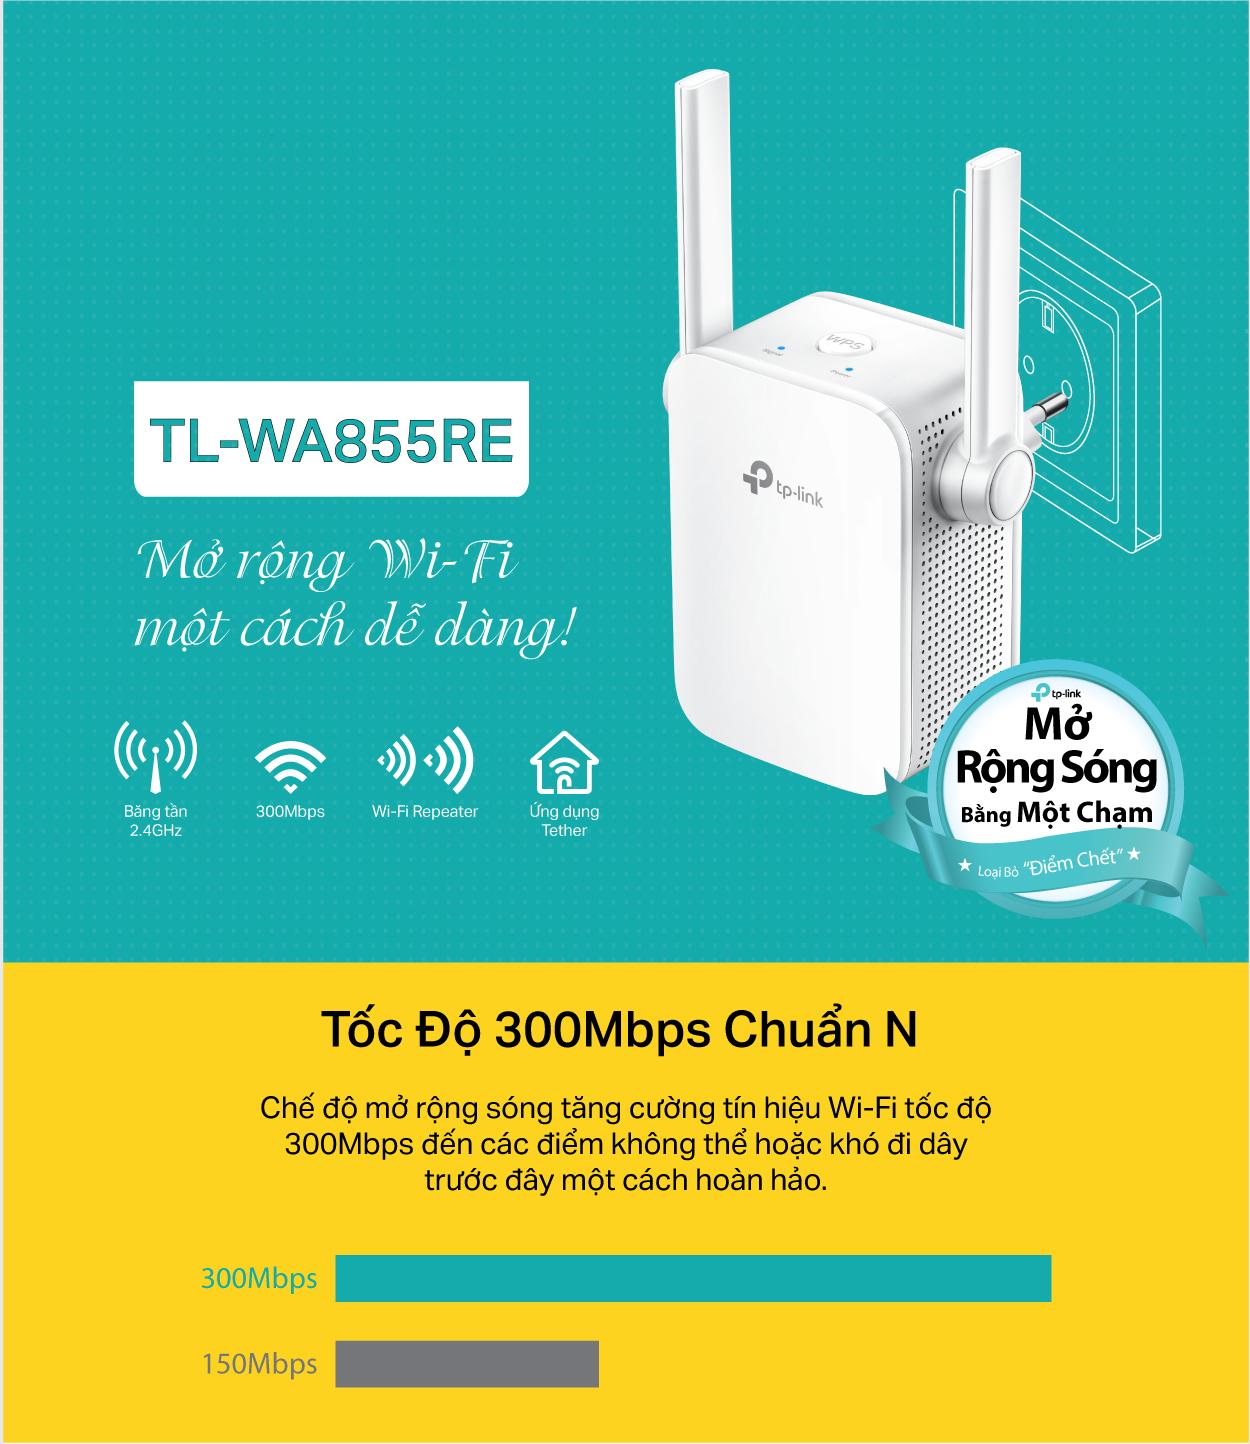 TP-Link  TL-WA855RE -  Bộ Mở Rộng Sóng Không Dây Gắn Tường Chuẩn N 300Mbps